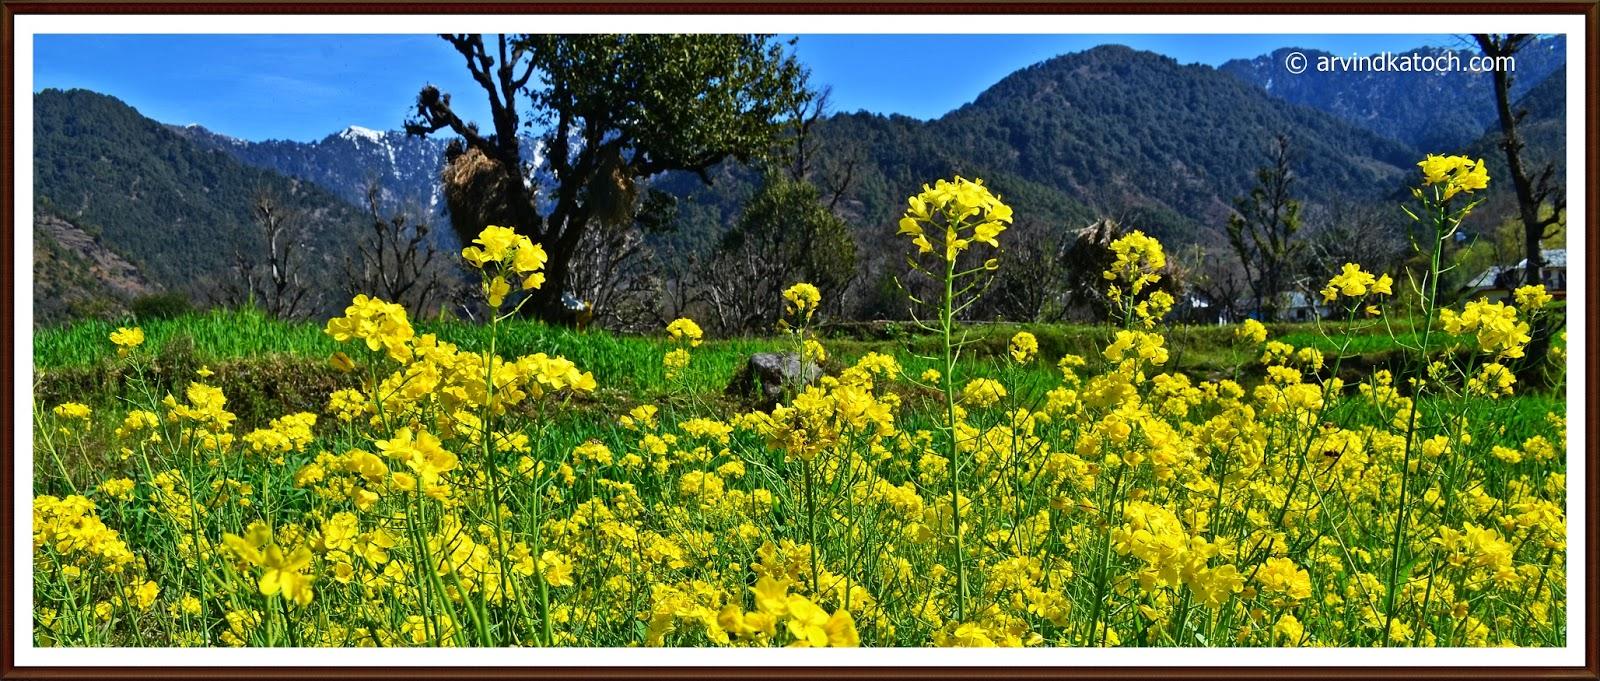 Mustard flowers, Yellow Mustard flower, Himachali village, Dhauladhar hills